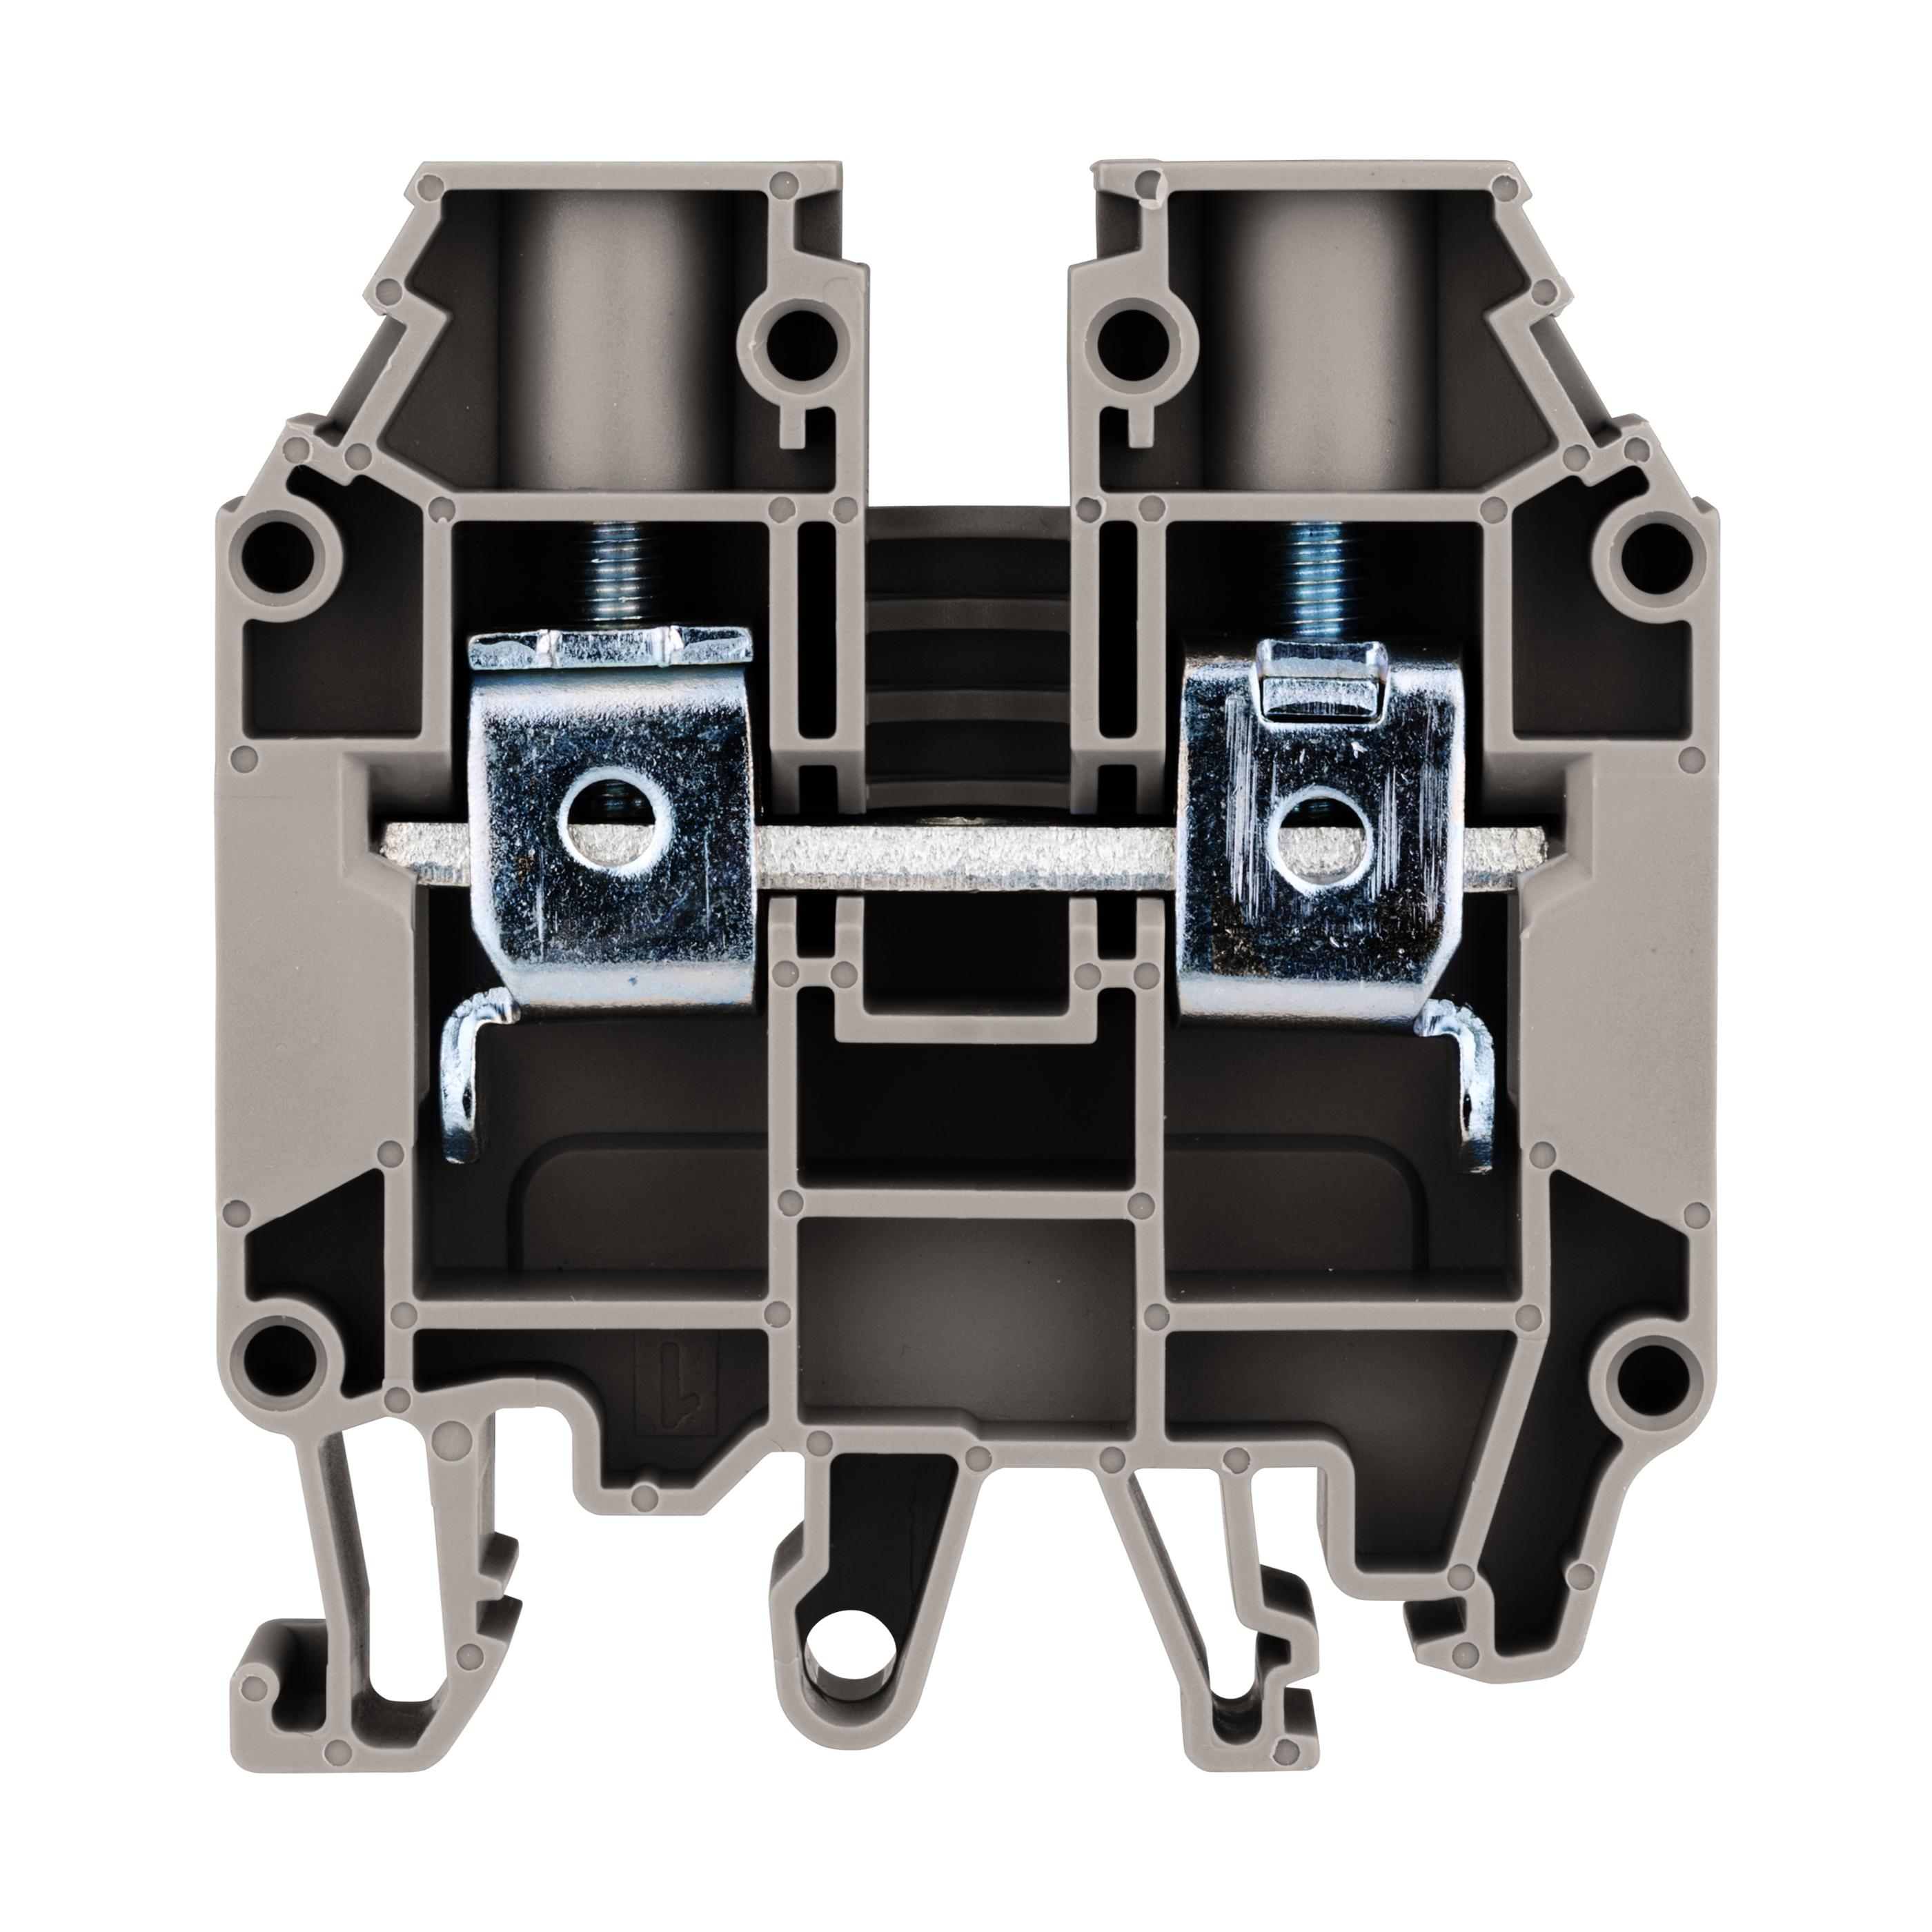 1 Stk Reihenklemme 16mm², Type AVK 16 RD, grau IK600016-A